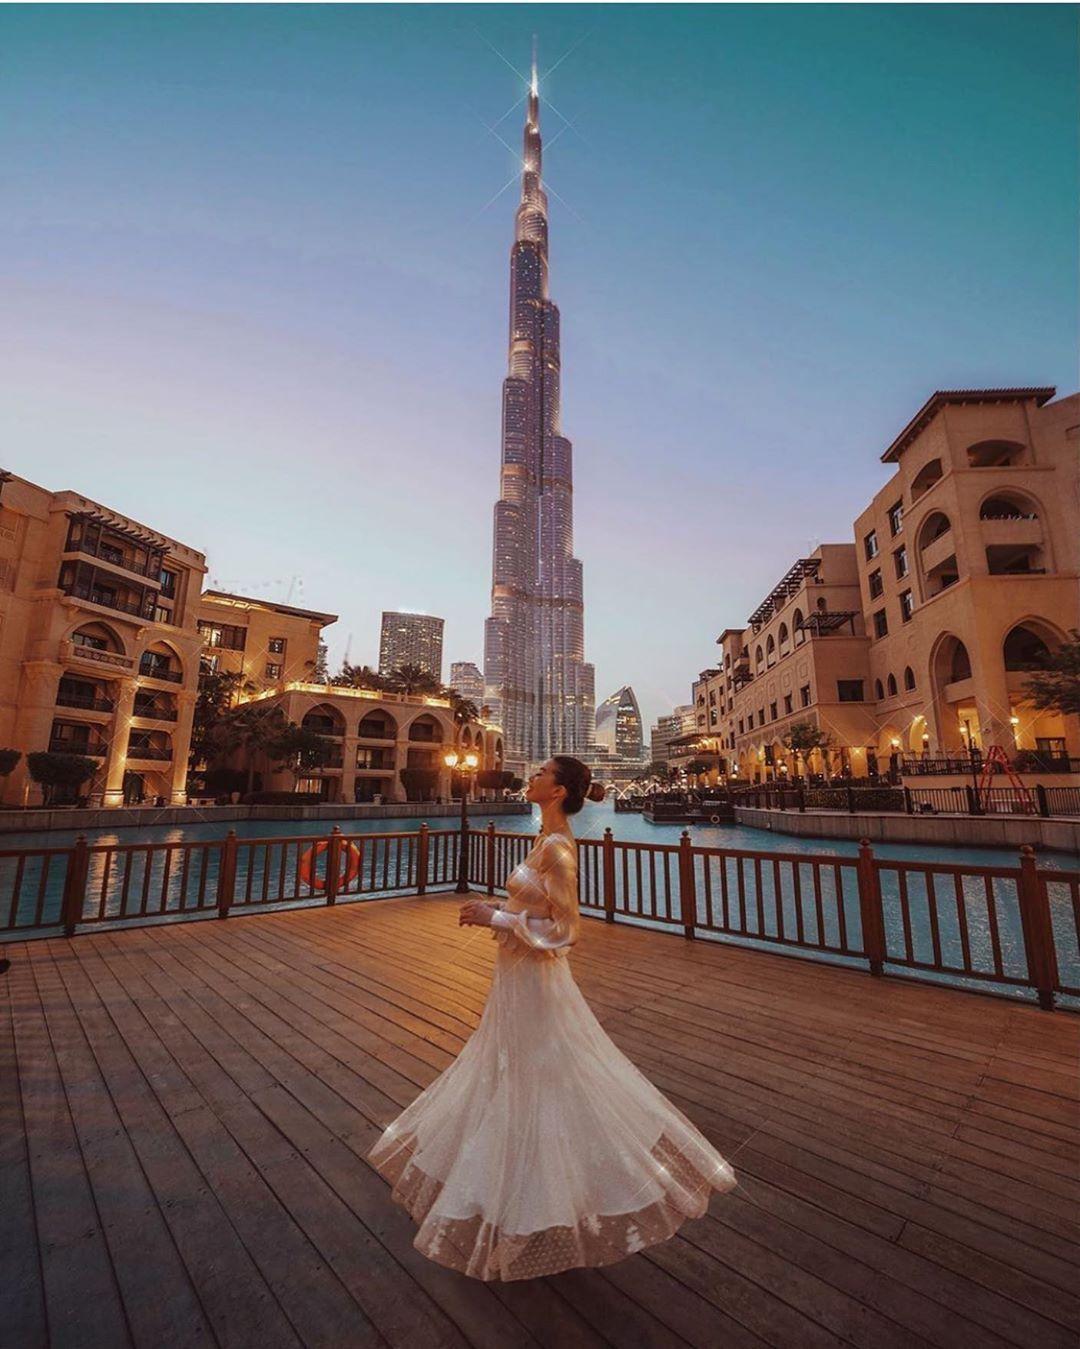 Дубай города рядом купить дом в лионе недорого сейчас франция